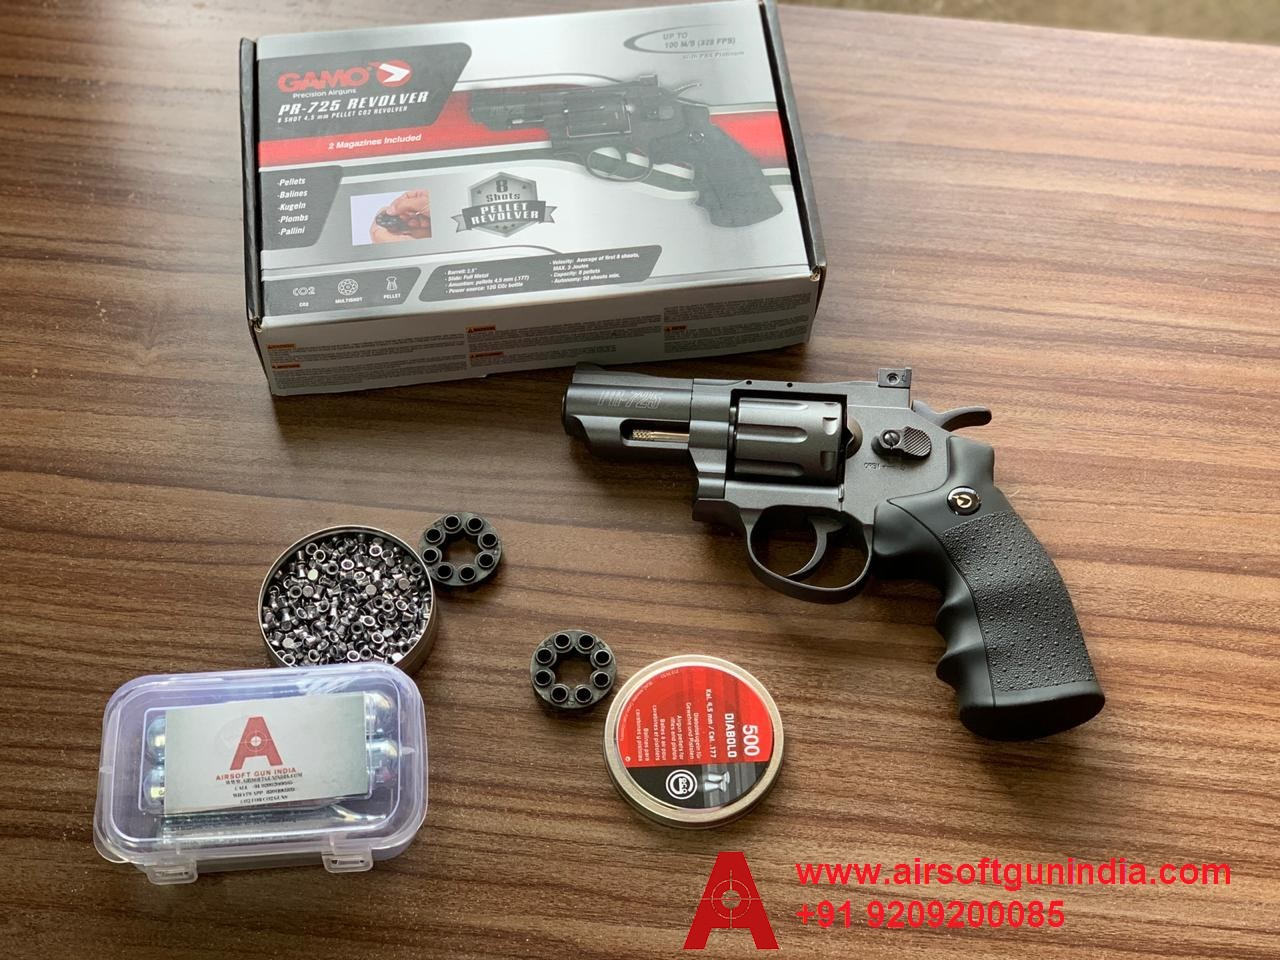 GAMO PR 725 Co2 Pellet Revolver By Airsoft Gun India